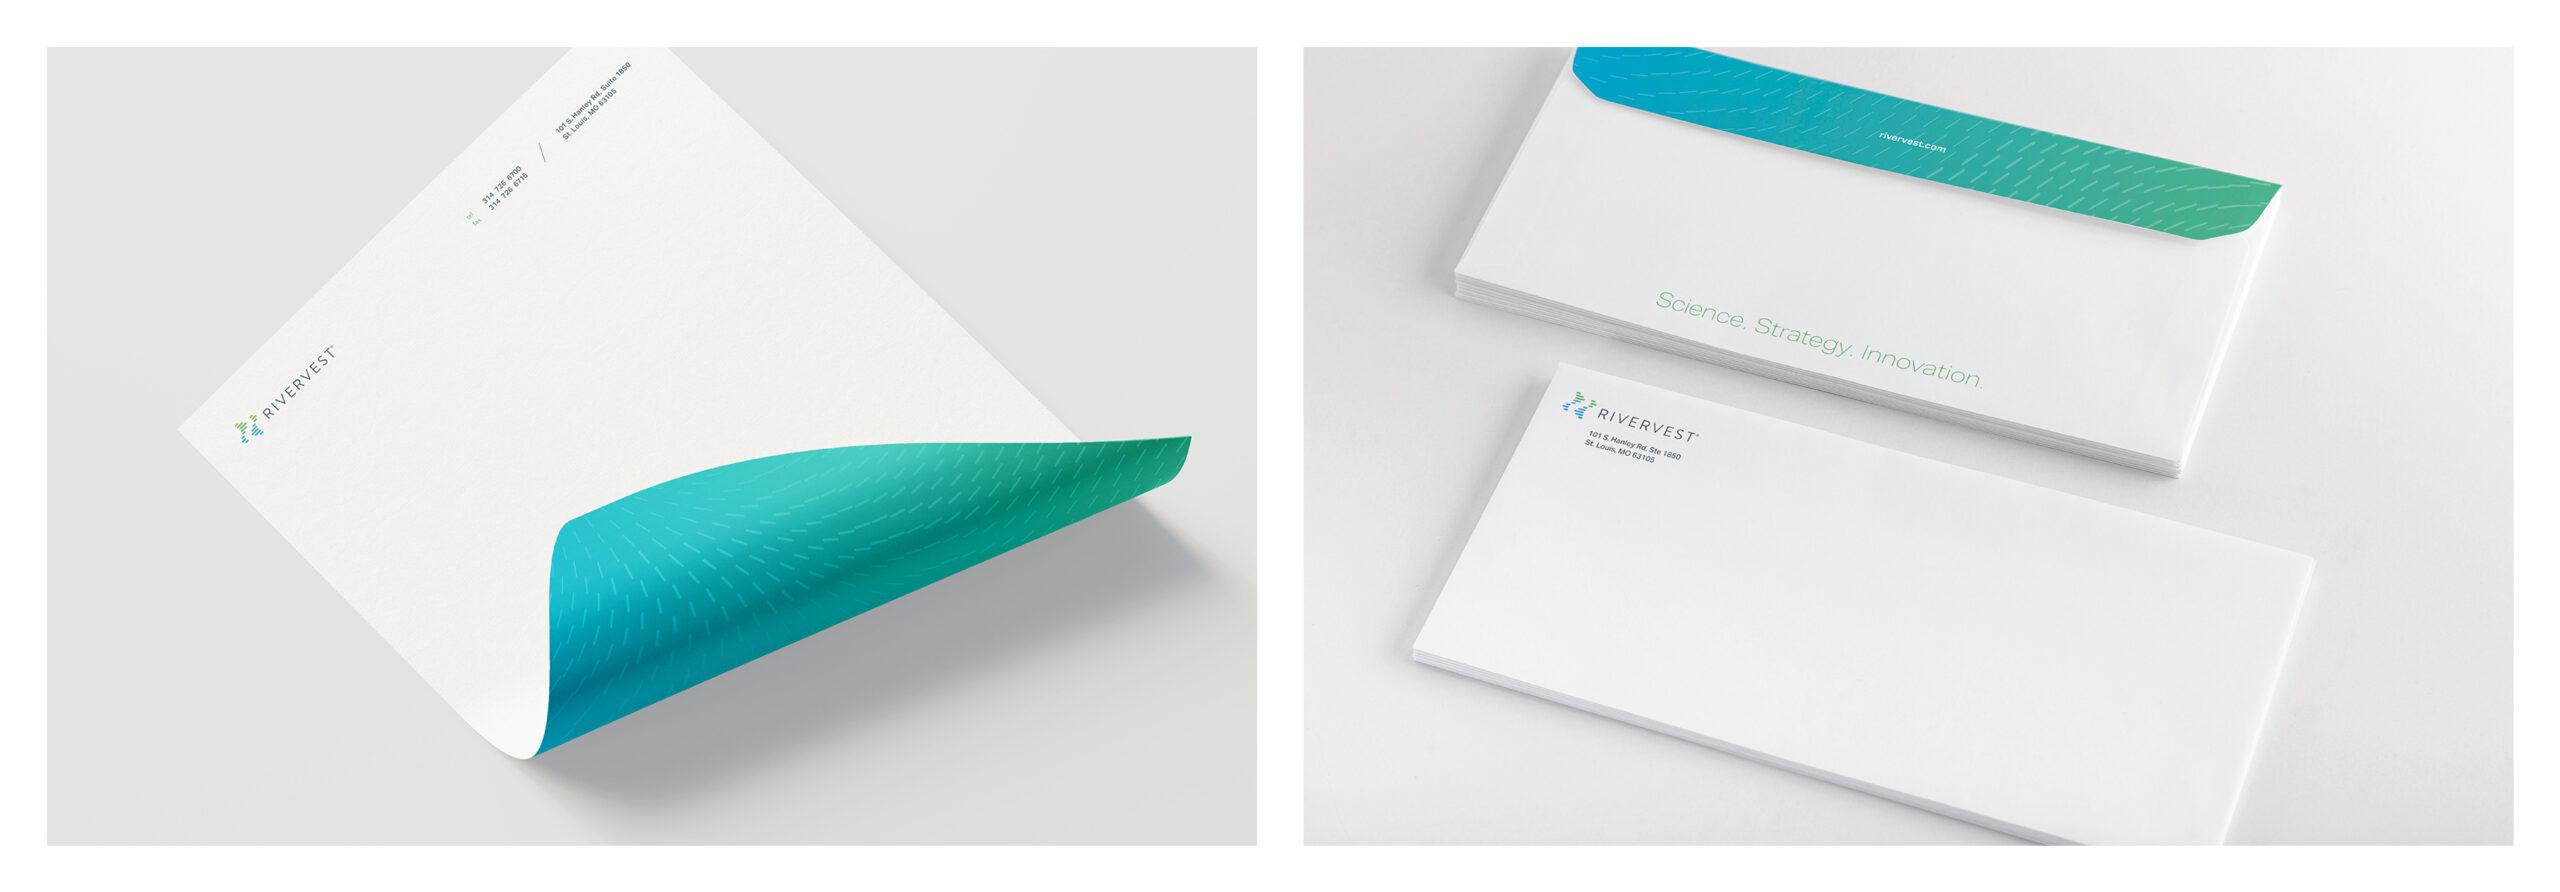 RiverVest letterhead and envelopes